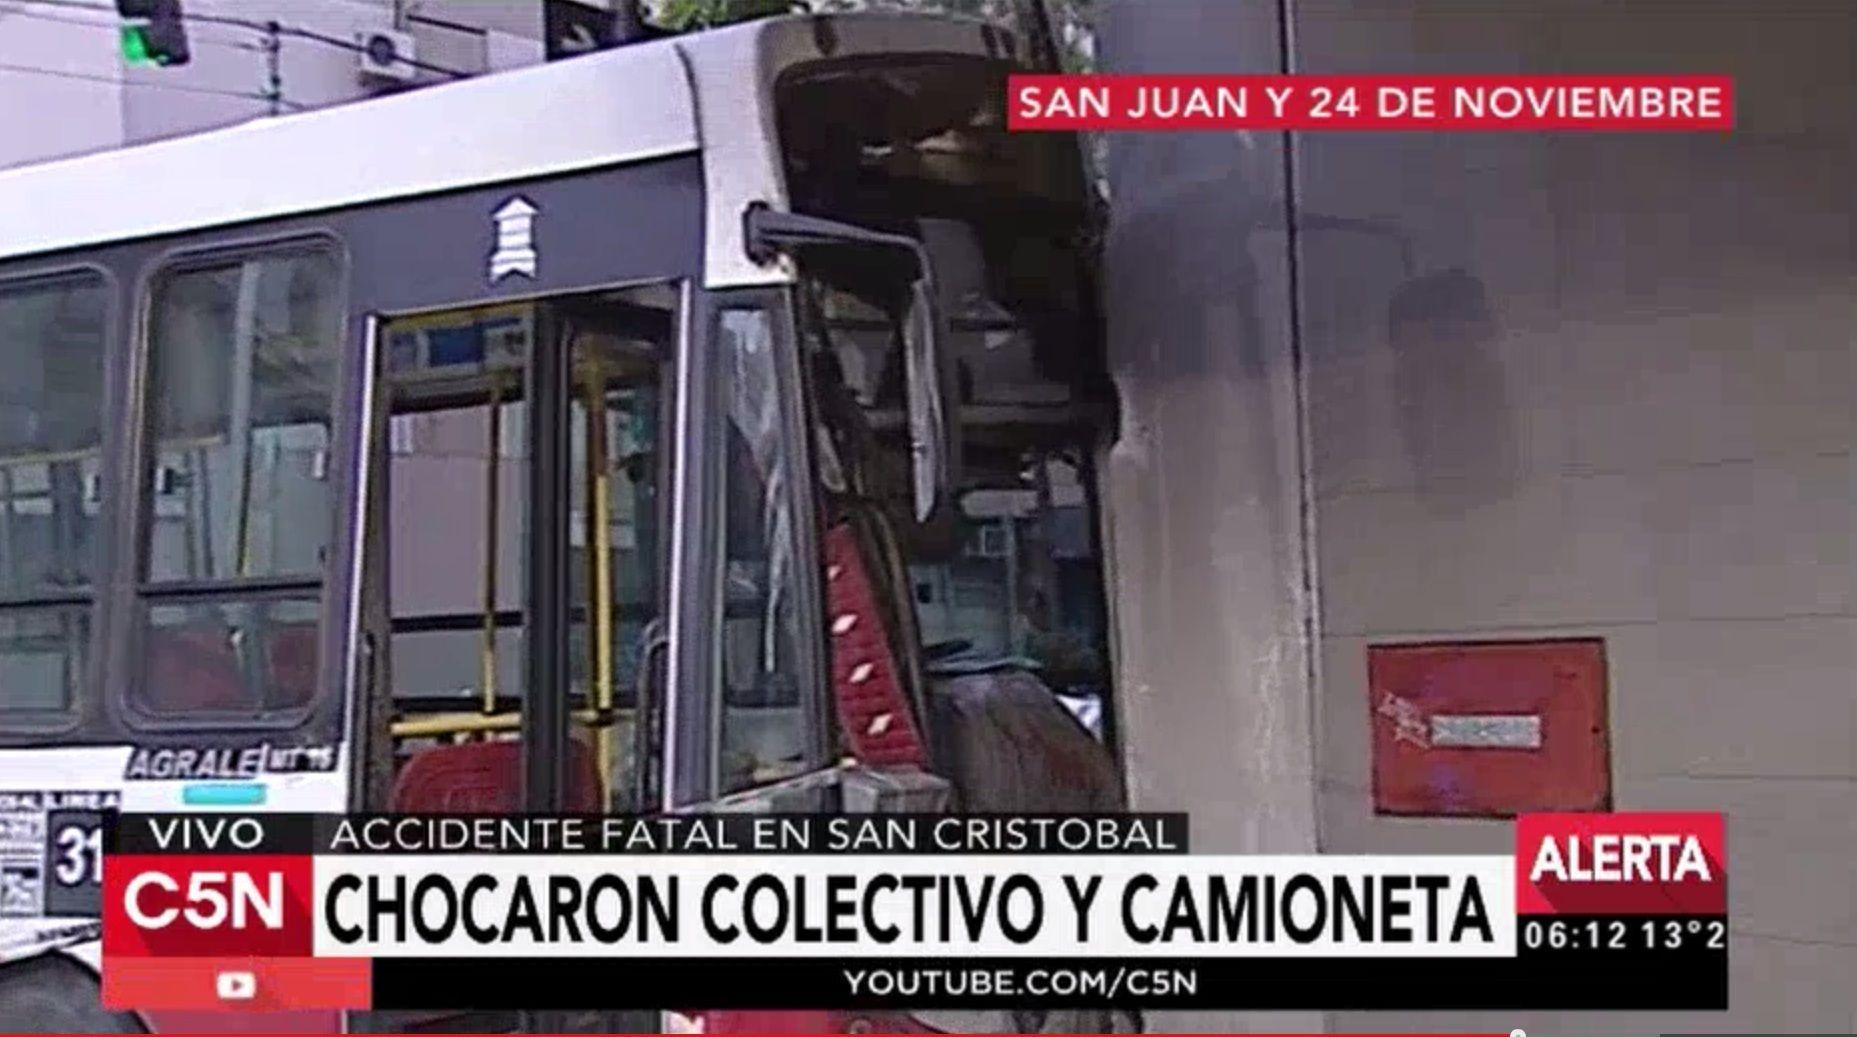 choque en San Cristobal entre un colectivo y una camioneta. Un muerto